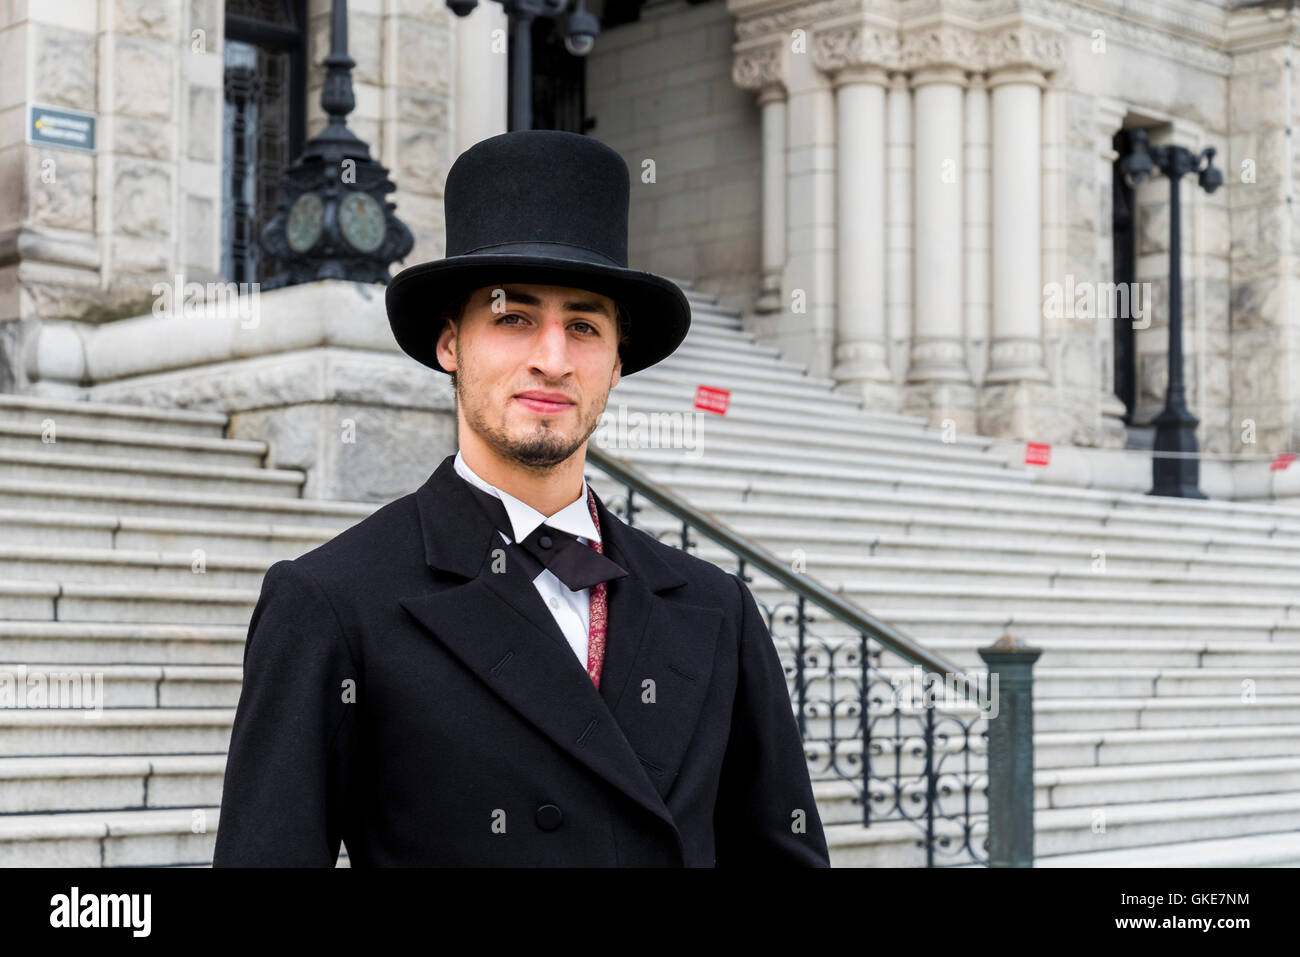 Actor retratando Premier Amor de Cosmos, British Columbia, legislativo, Victoria, British Columbia, Canadá Imagen De Stock